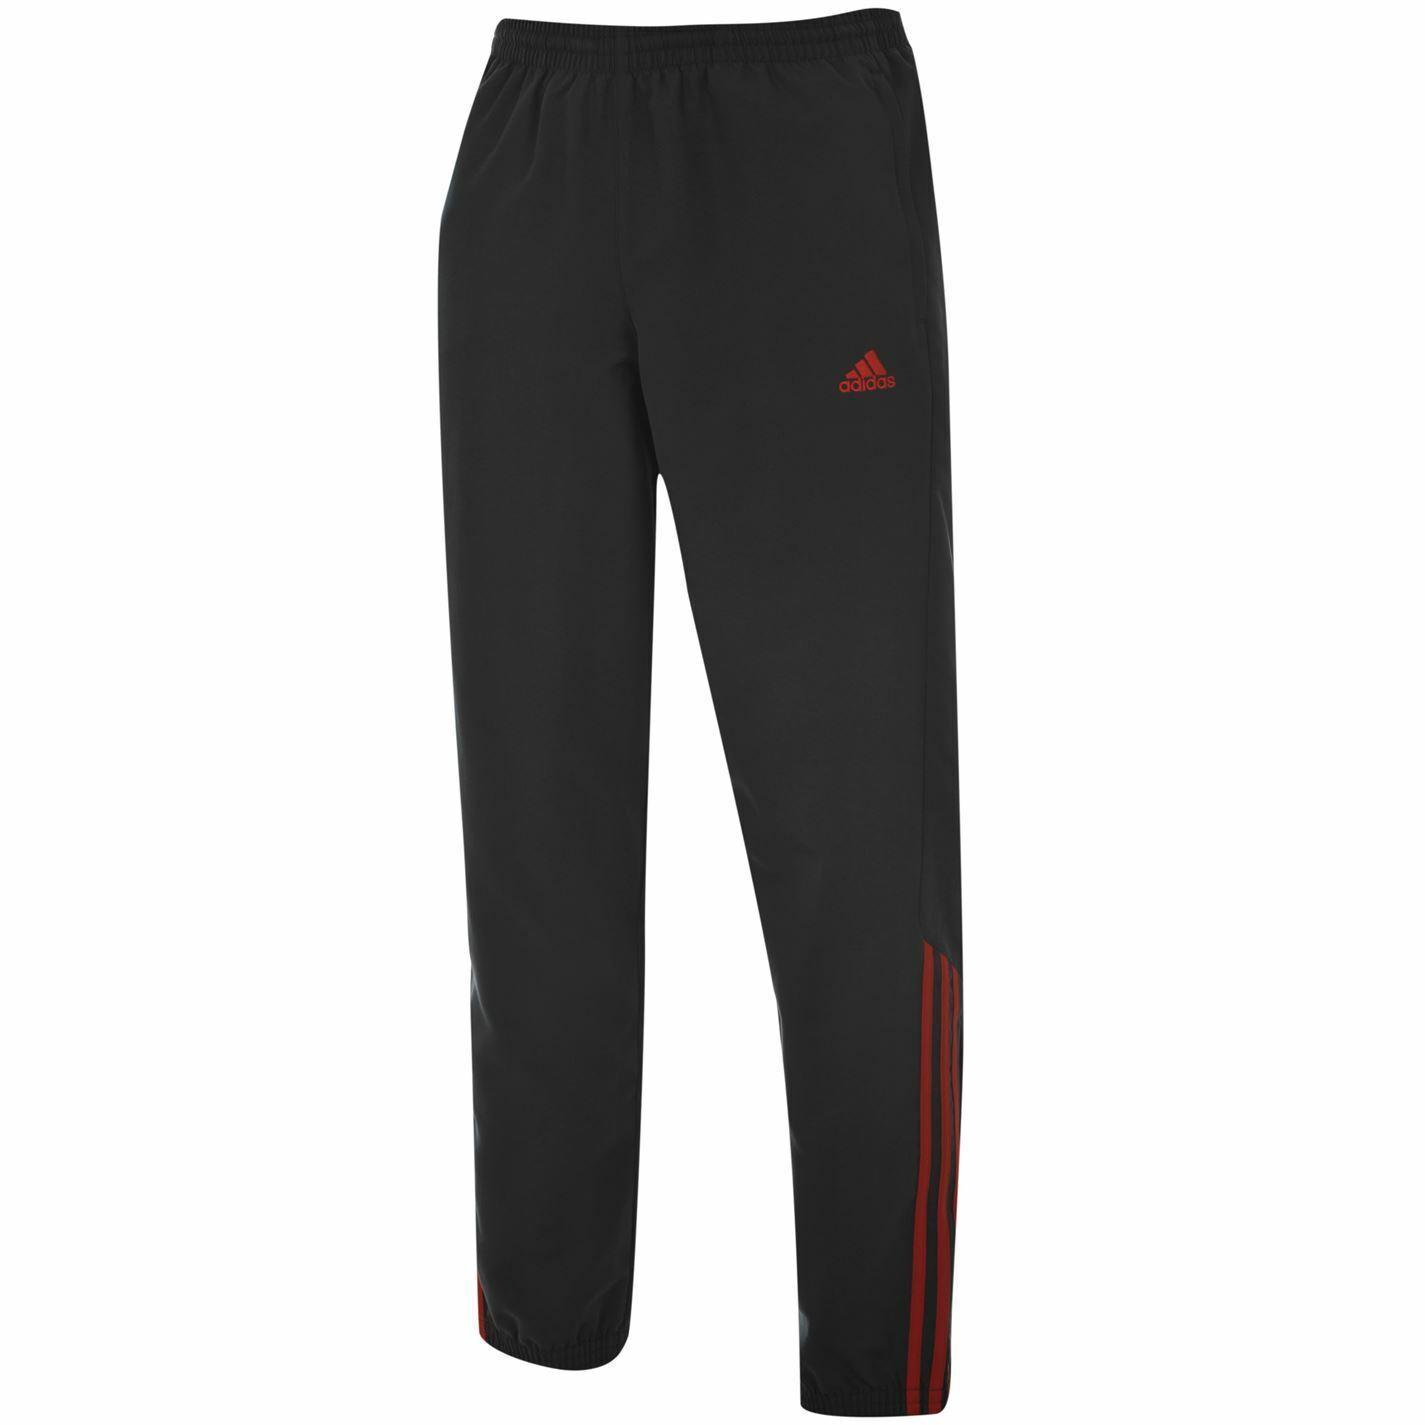 Adidas Samson 2 Jogginghose Jogginghose Herren Dunkelgrau Rot Jogginghose